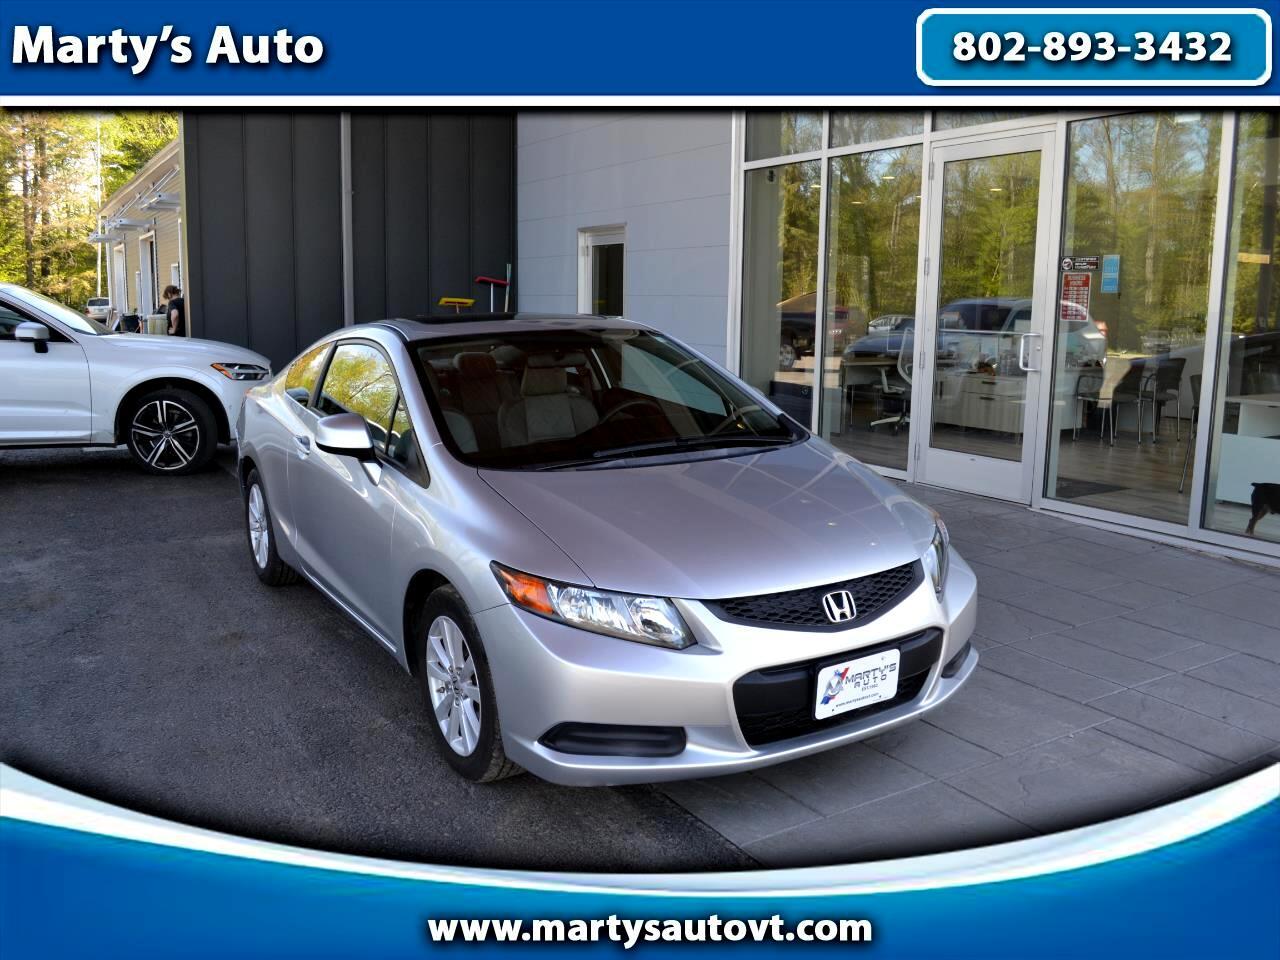 Honda Civic Cpe 2dr Auto EX 2012